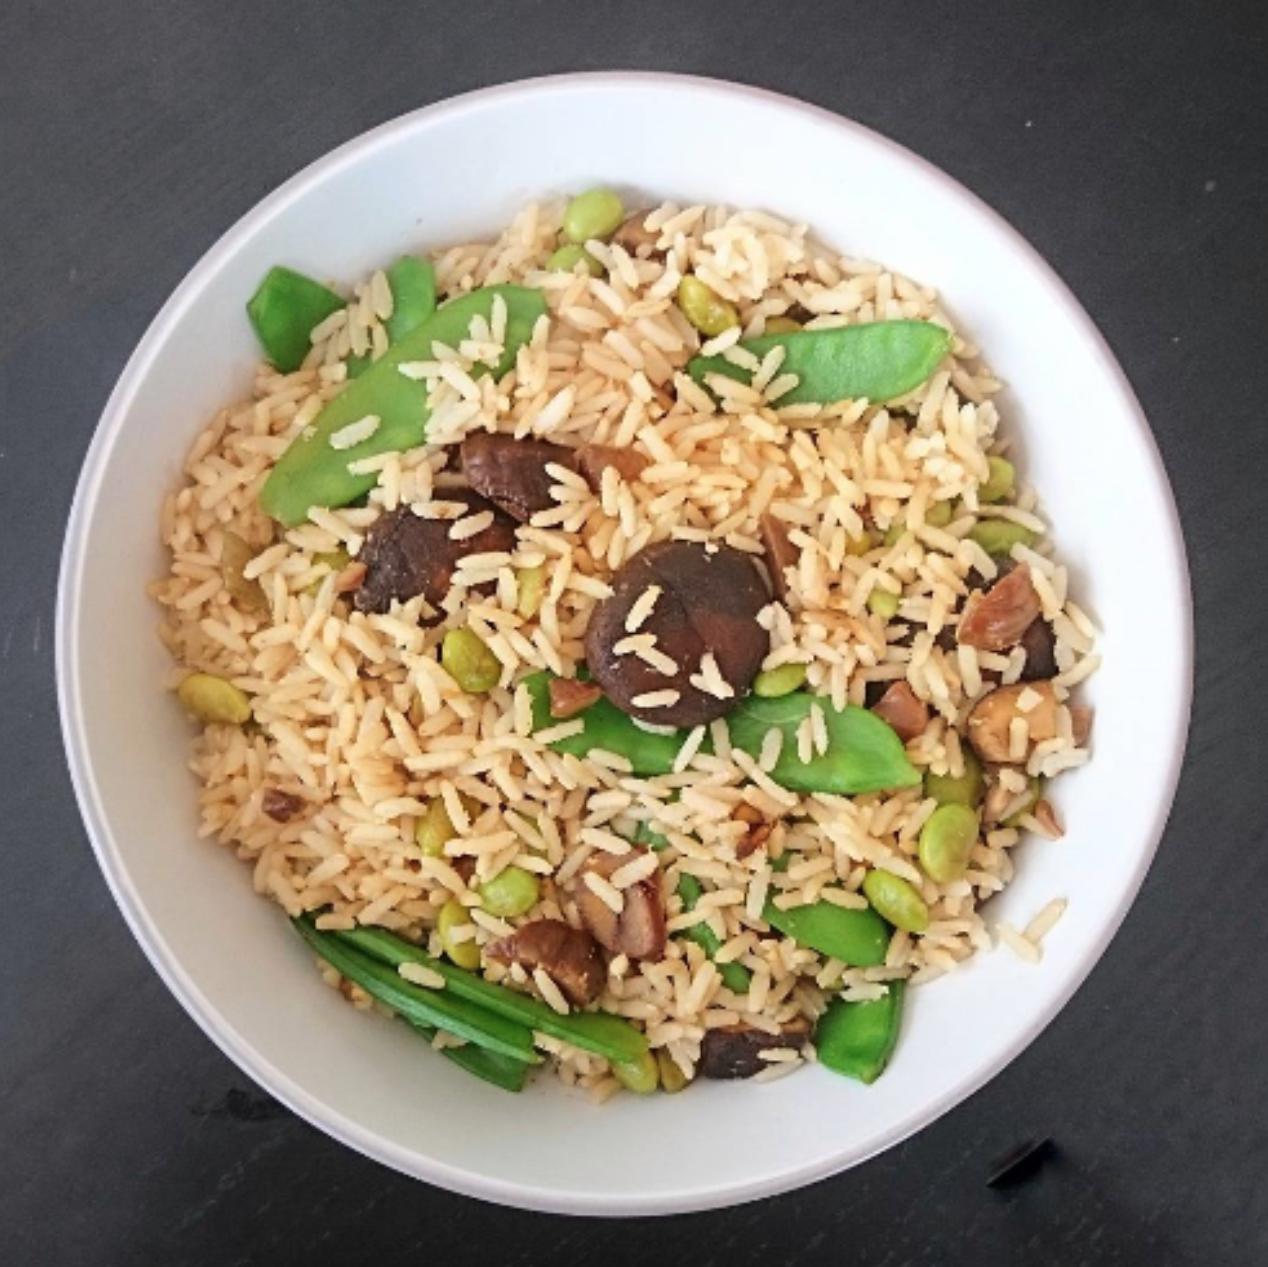 Stir-fried Mushroom Rice Bowl